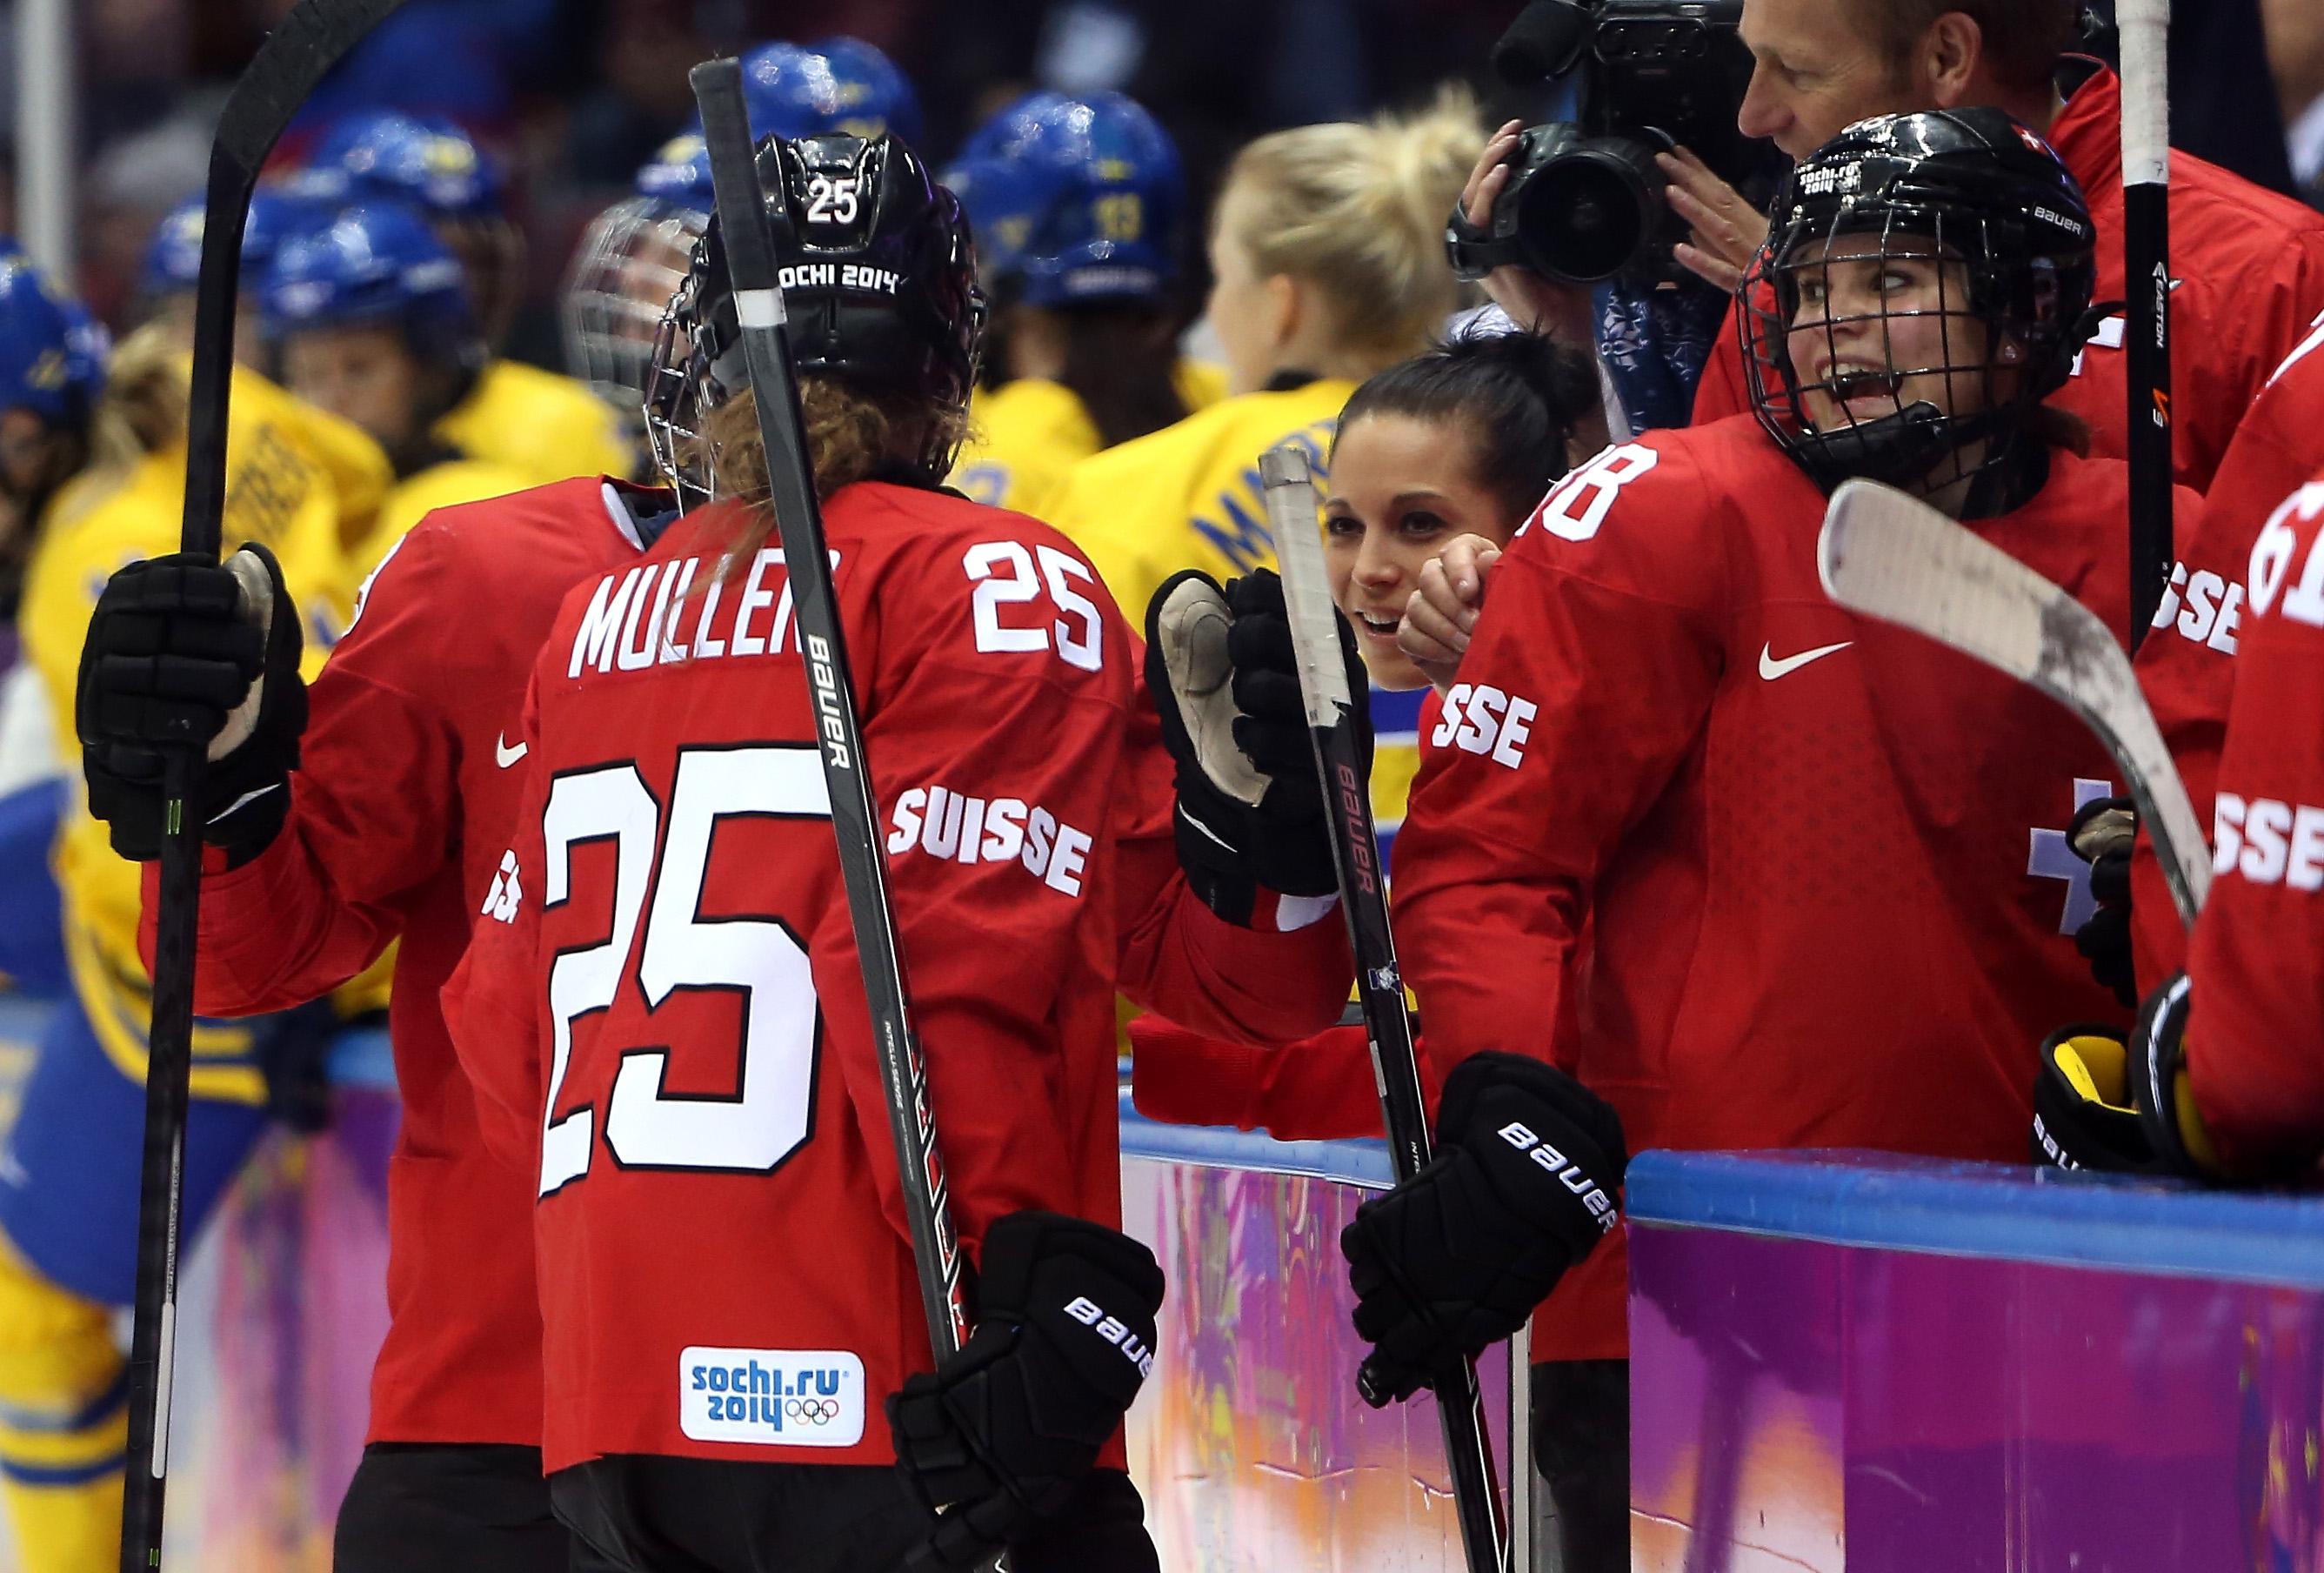 Ice Hockey - Winter Olympics Day 13 - Switzerland v Sweden